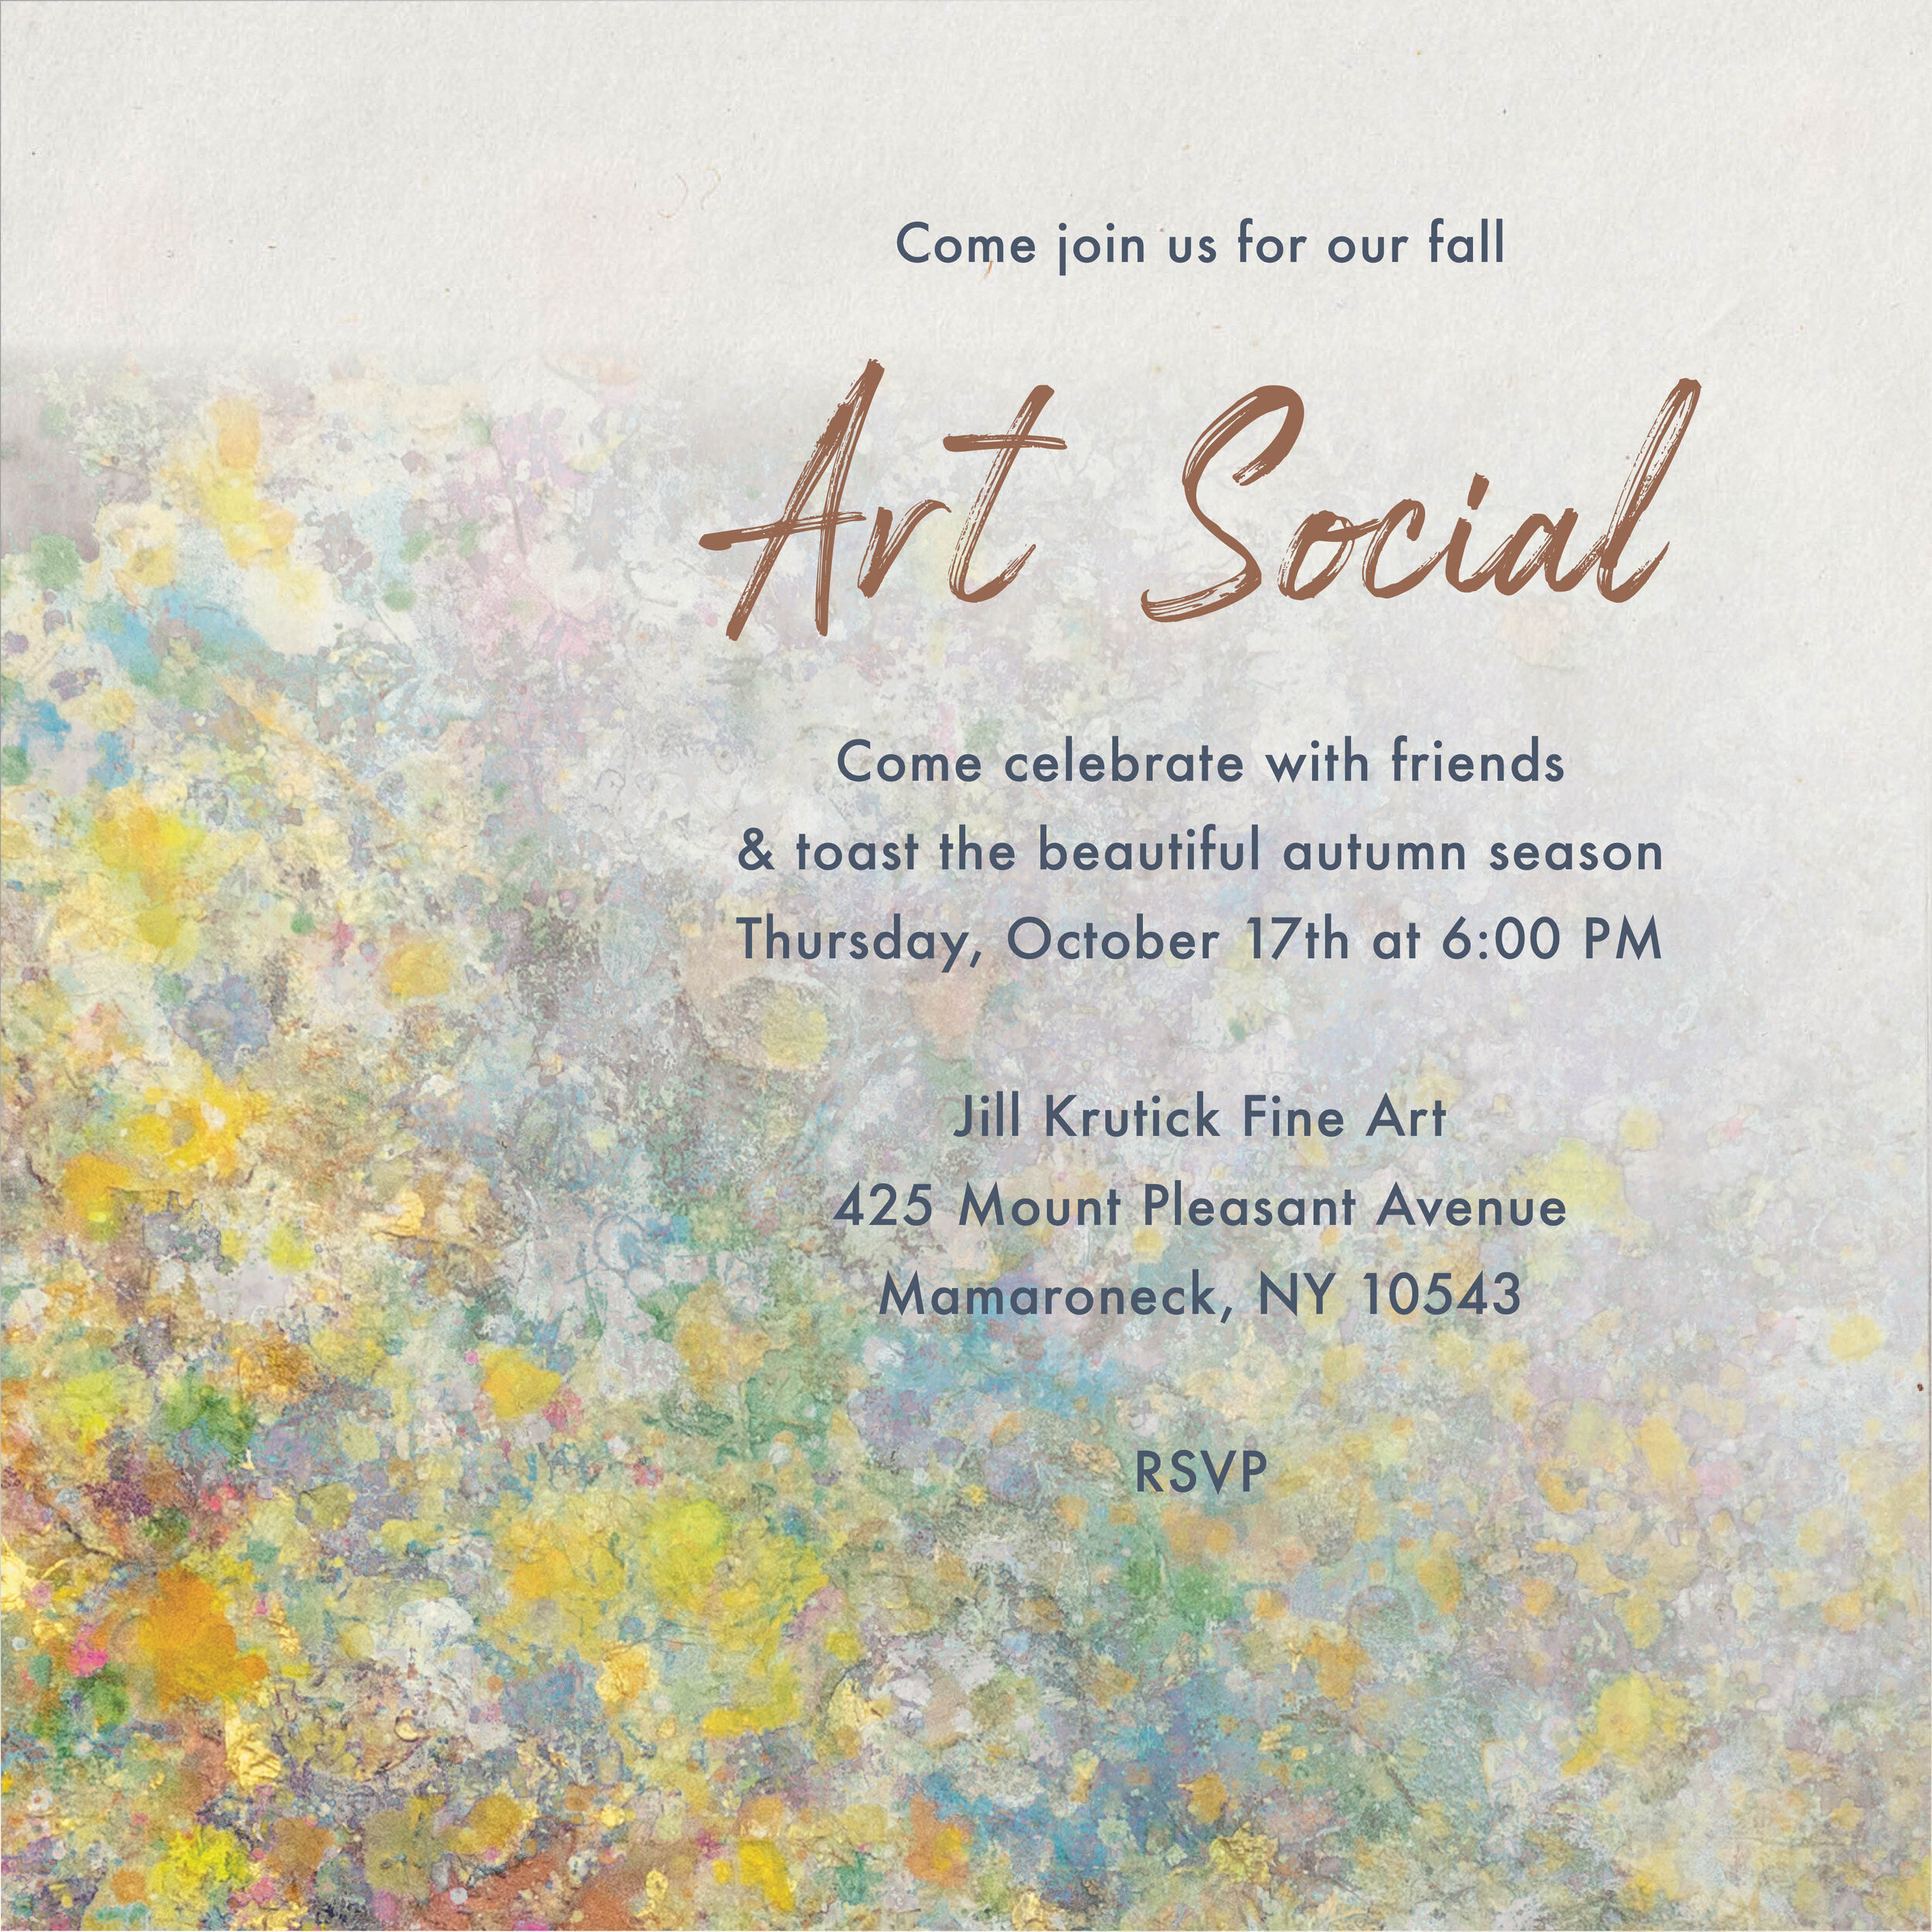 2019_ArtSocial Invite.jpg